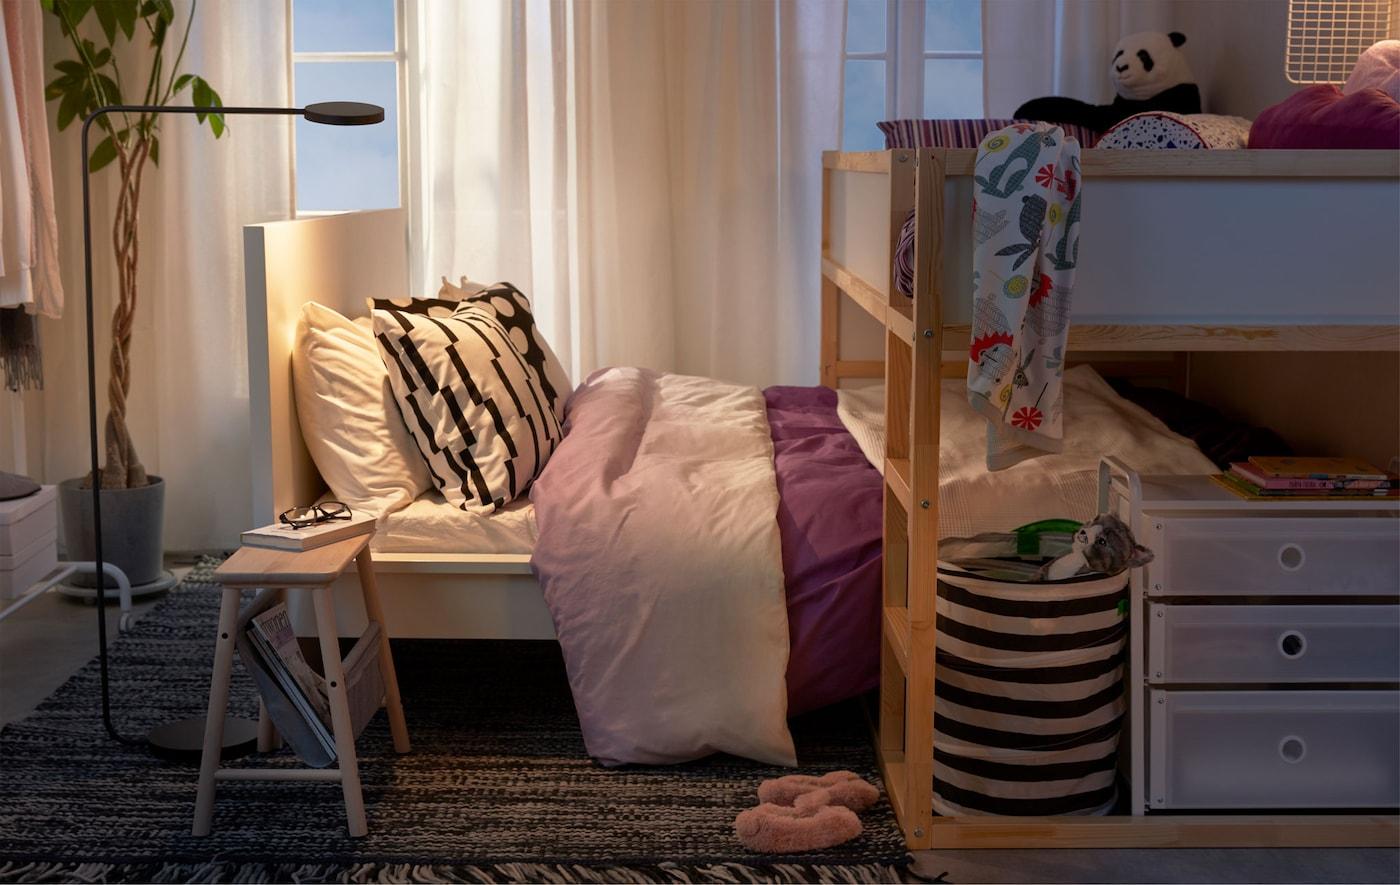 Cama alta colocada sobre uma cama mais baixa, como uma cama de criança encaixada na dos pais, num quarto pequeno.